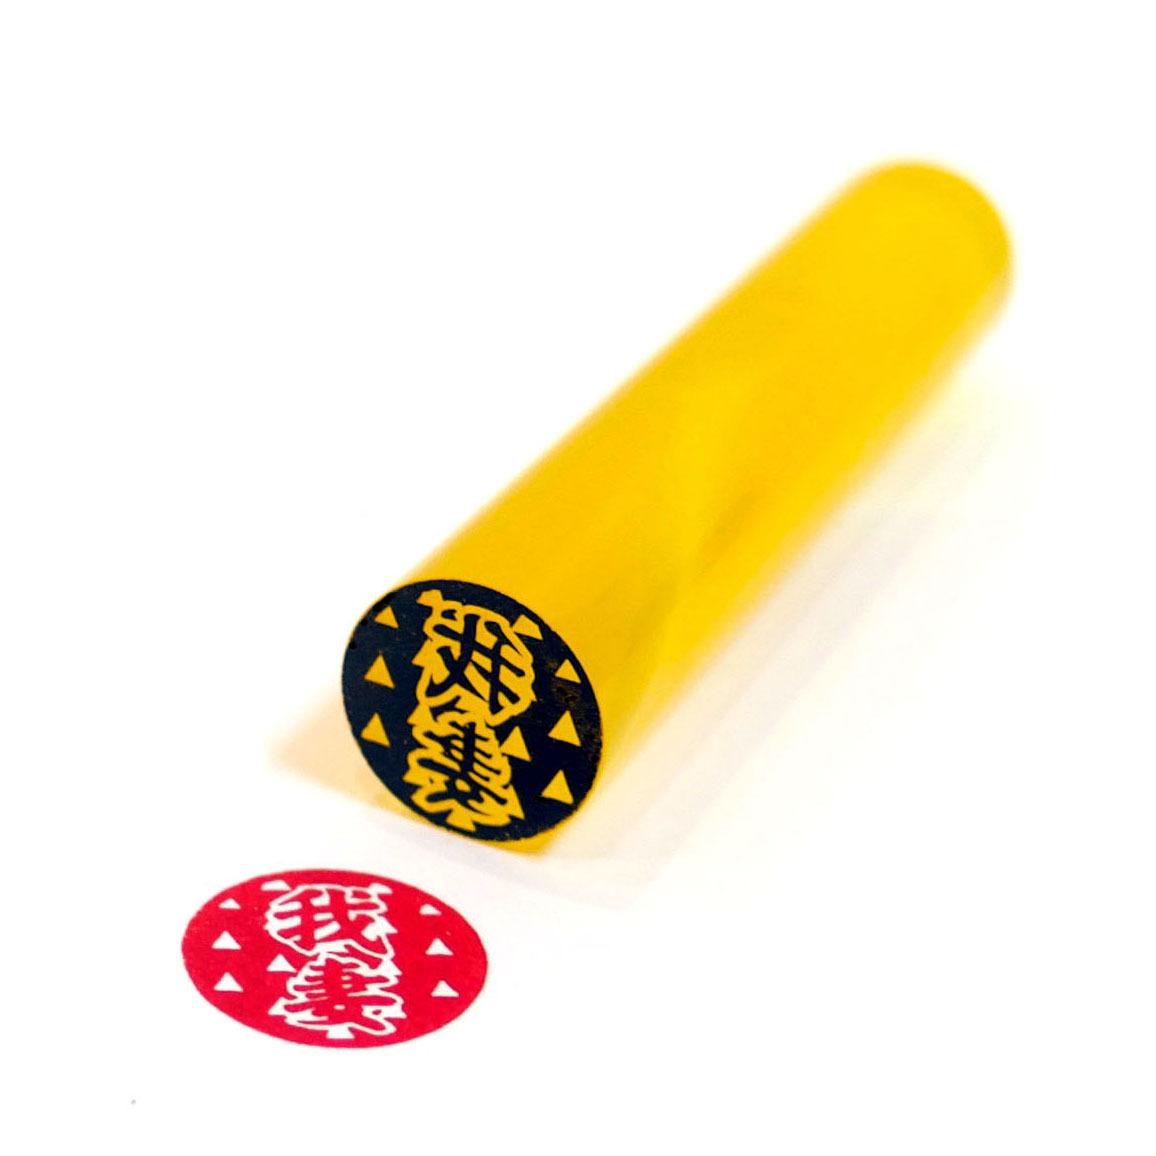 彩印-sign-【鬼滅柄鱗紋模様】12mm丸印鑑(姓または名)